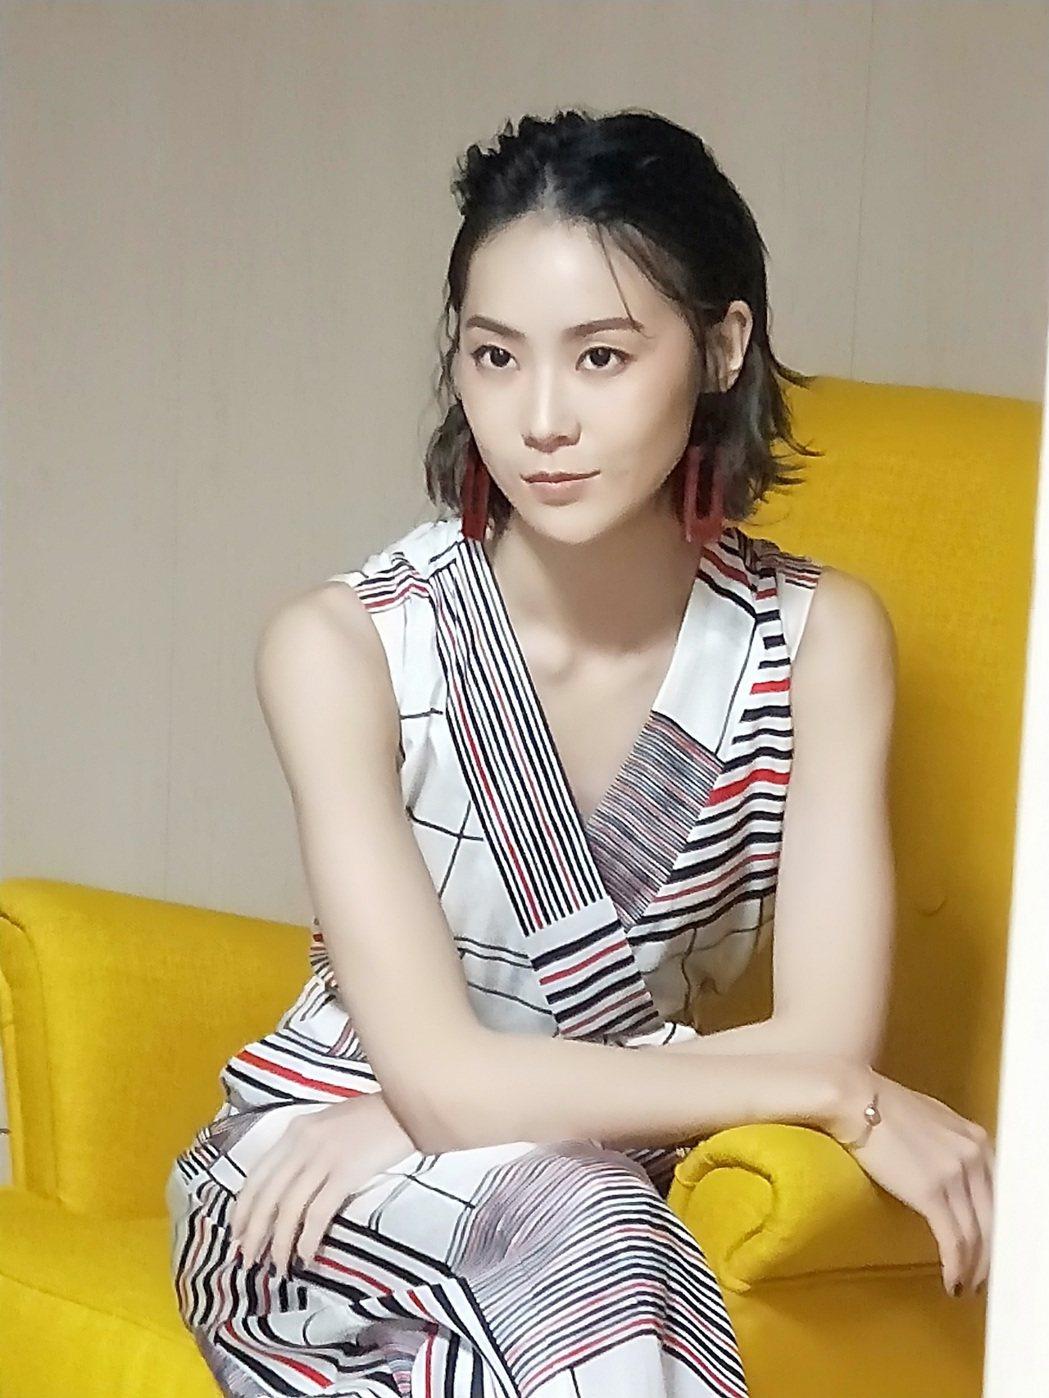 鍾瑶將出席台北電影獎頒獎典禮。圖/台北電影節提供